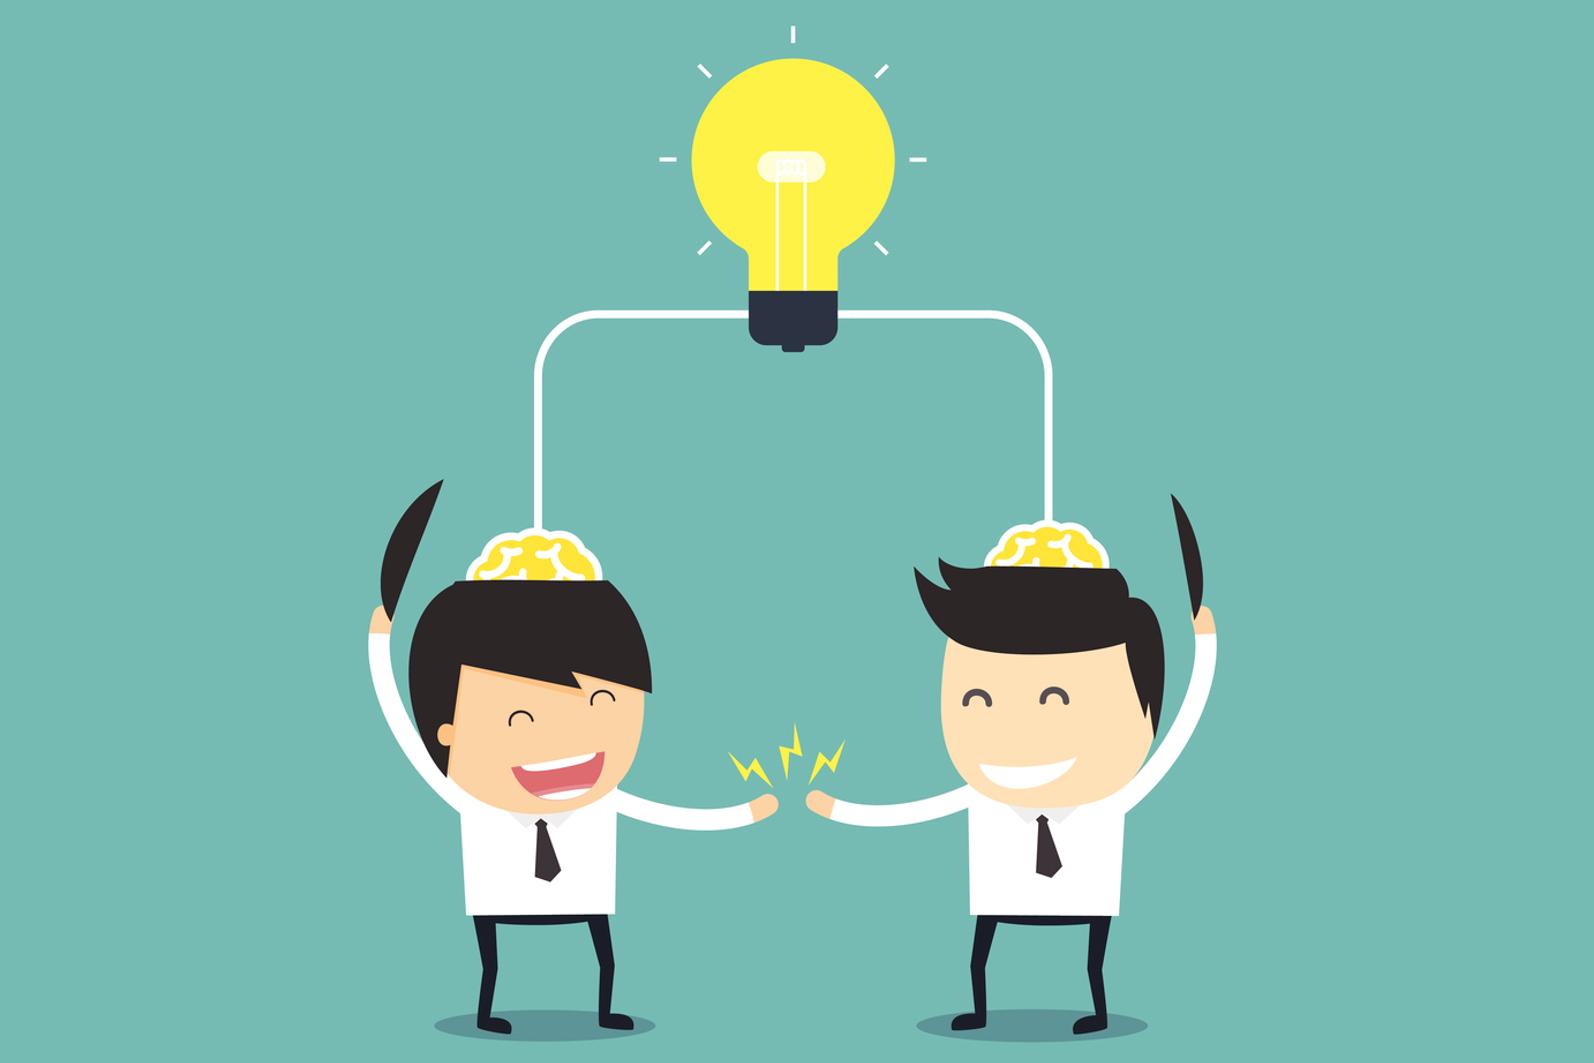 営業 イン サイト 時代はインサイト営業へ!ソリューション営業から進化したセールス手法